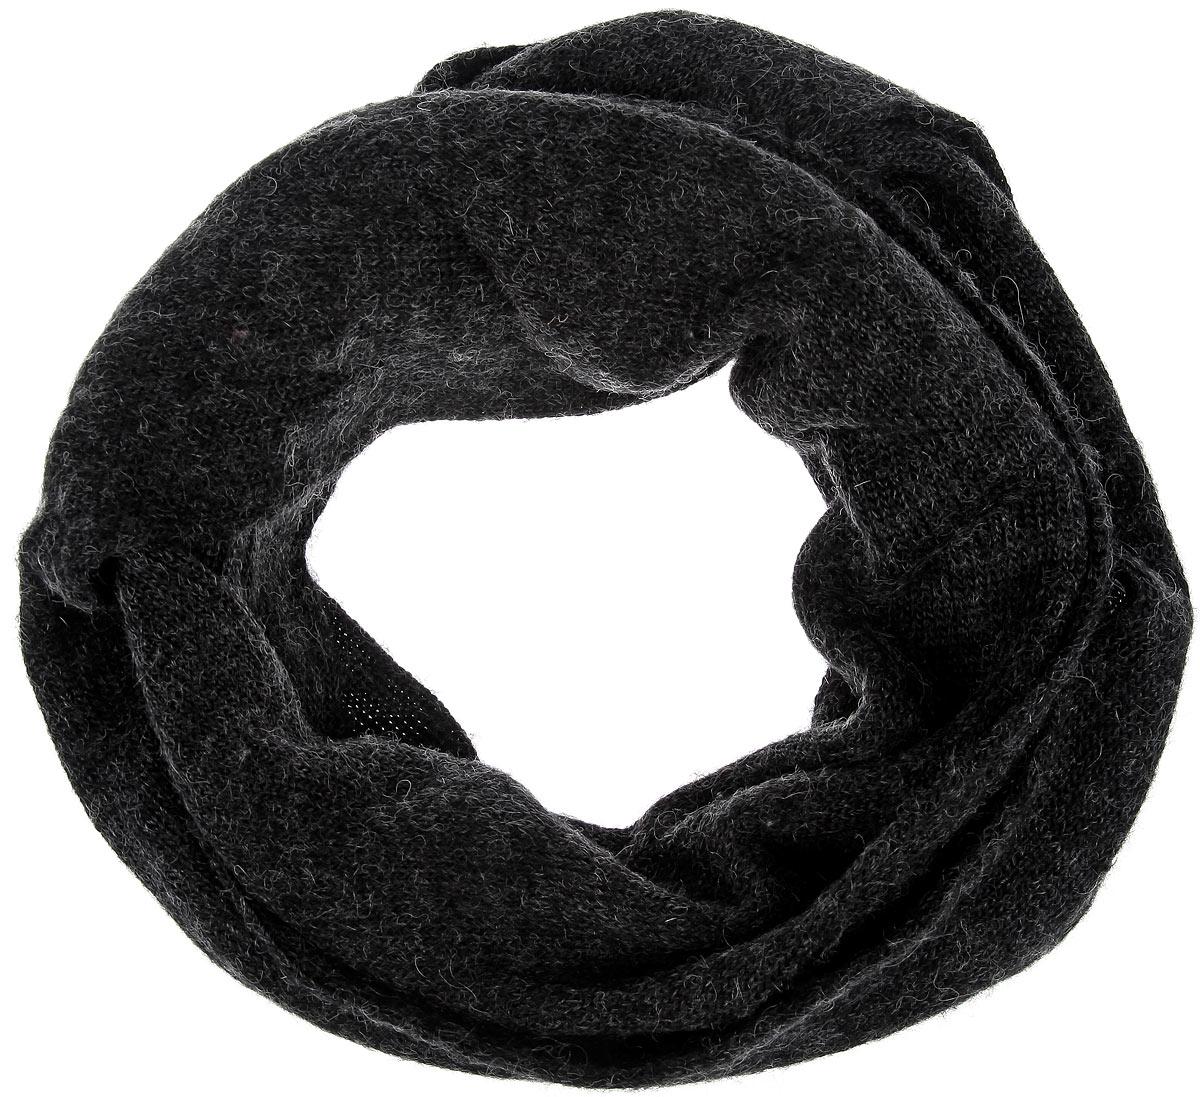 Шарф-хомут Goorin Brothers Sun Valley, цвет: черный. 120-4993. Размер 220 см х 18 см120-4993Шарф-хомут Goorin Brothers Sun Valley невероятно мягкий и приятный на ощупь. Casual стиль шарфа отлично подойдет к вашему гардеробу - носите его с пальто, паркой или курткой. Практичный, удобный и очень теплый аксессуар на каждый день.